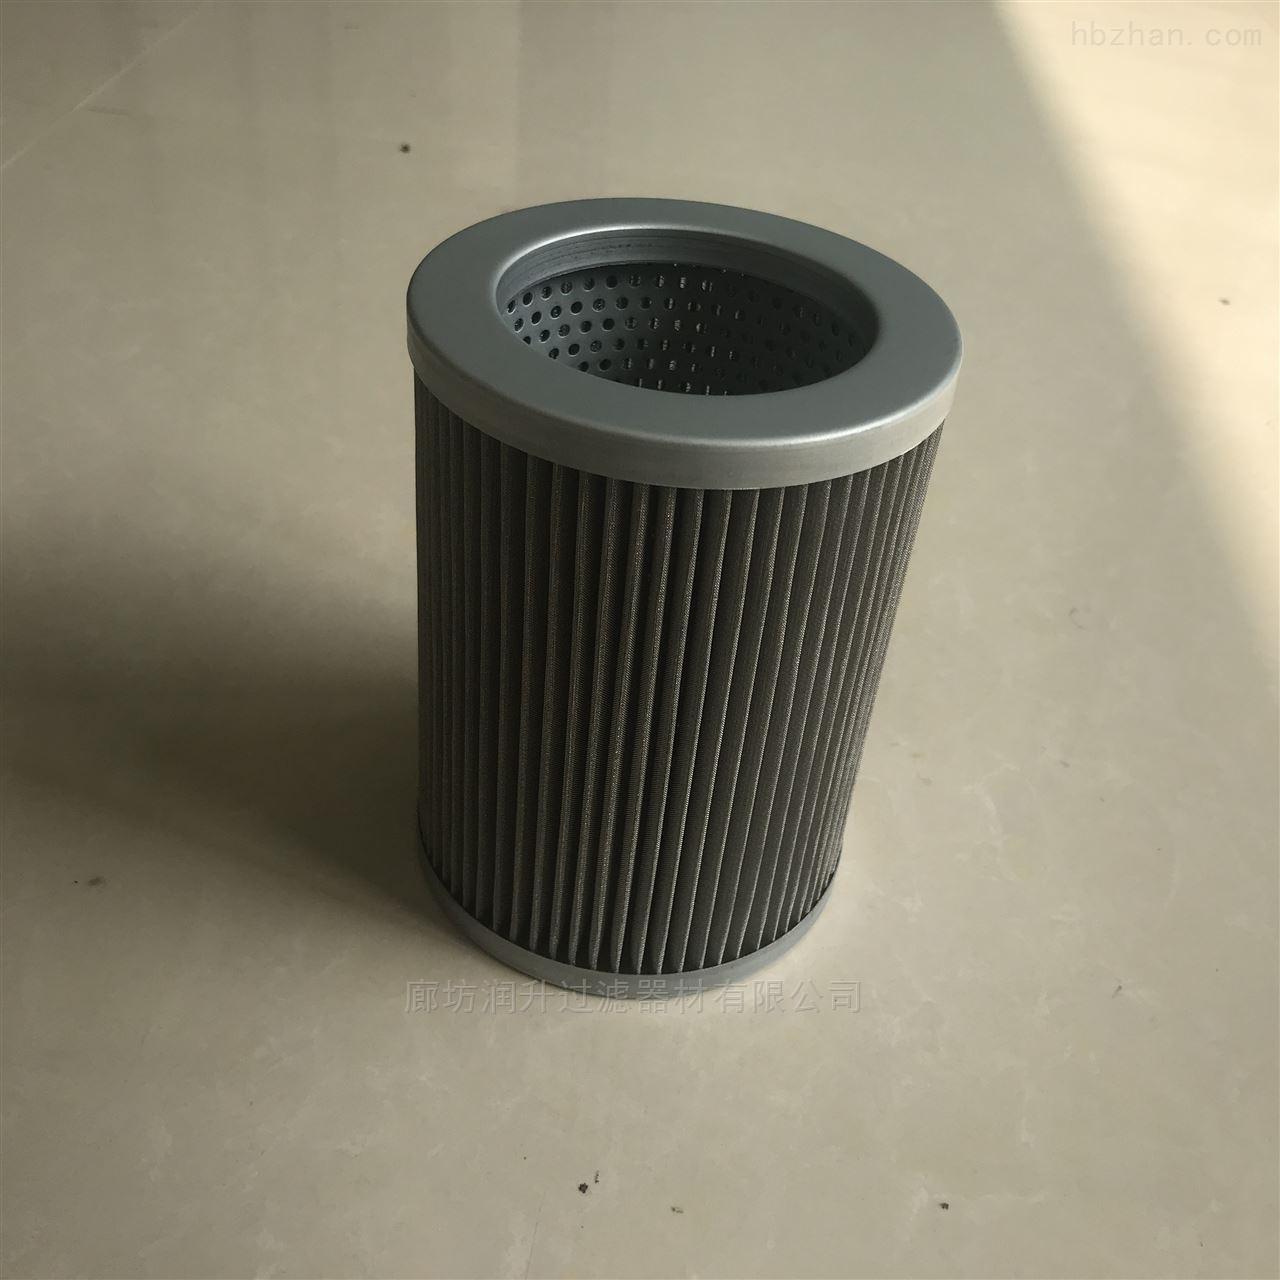 铁岭DFM40PP005A01滤芯厂家价格